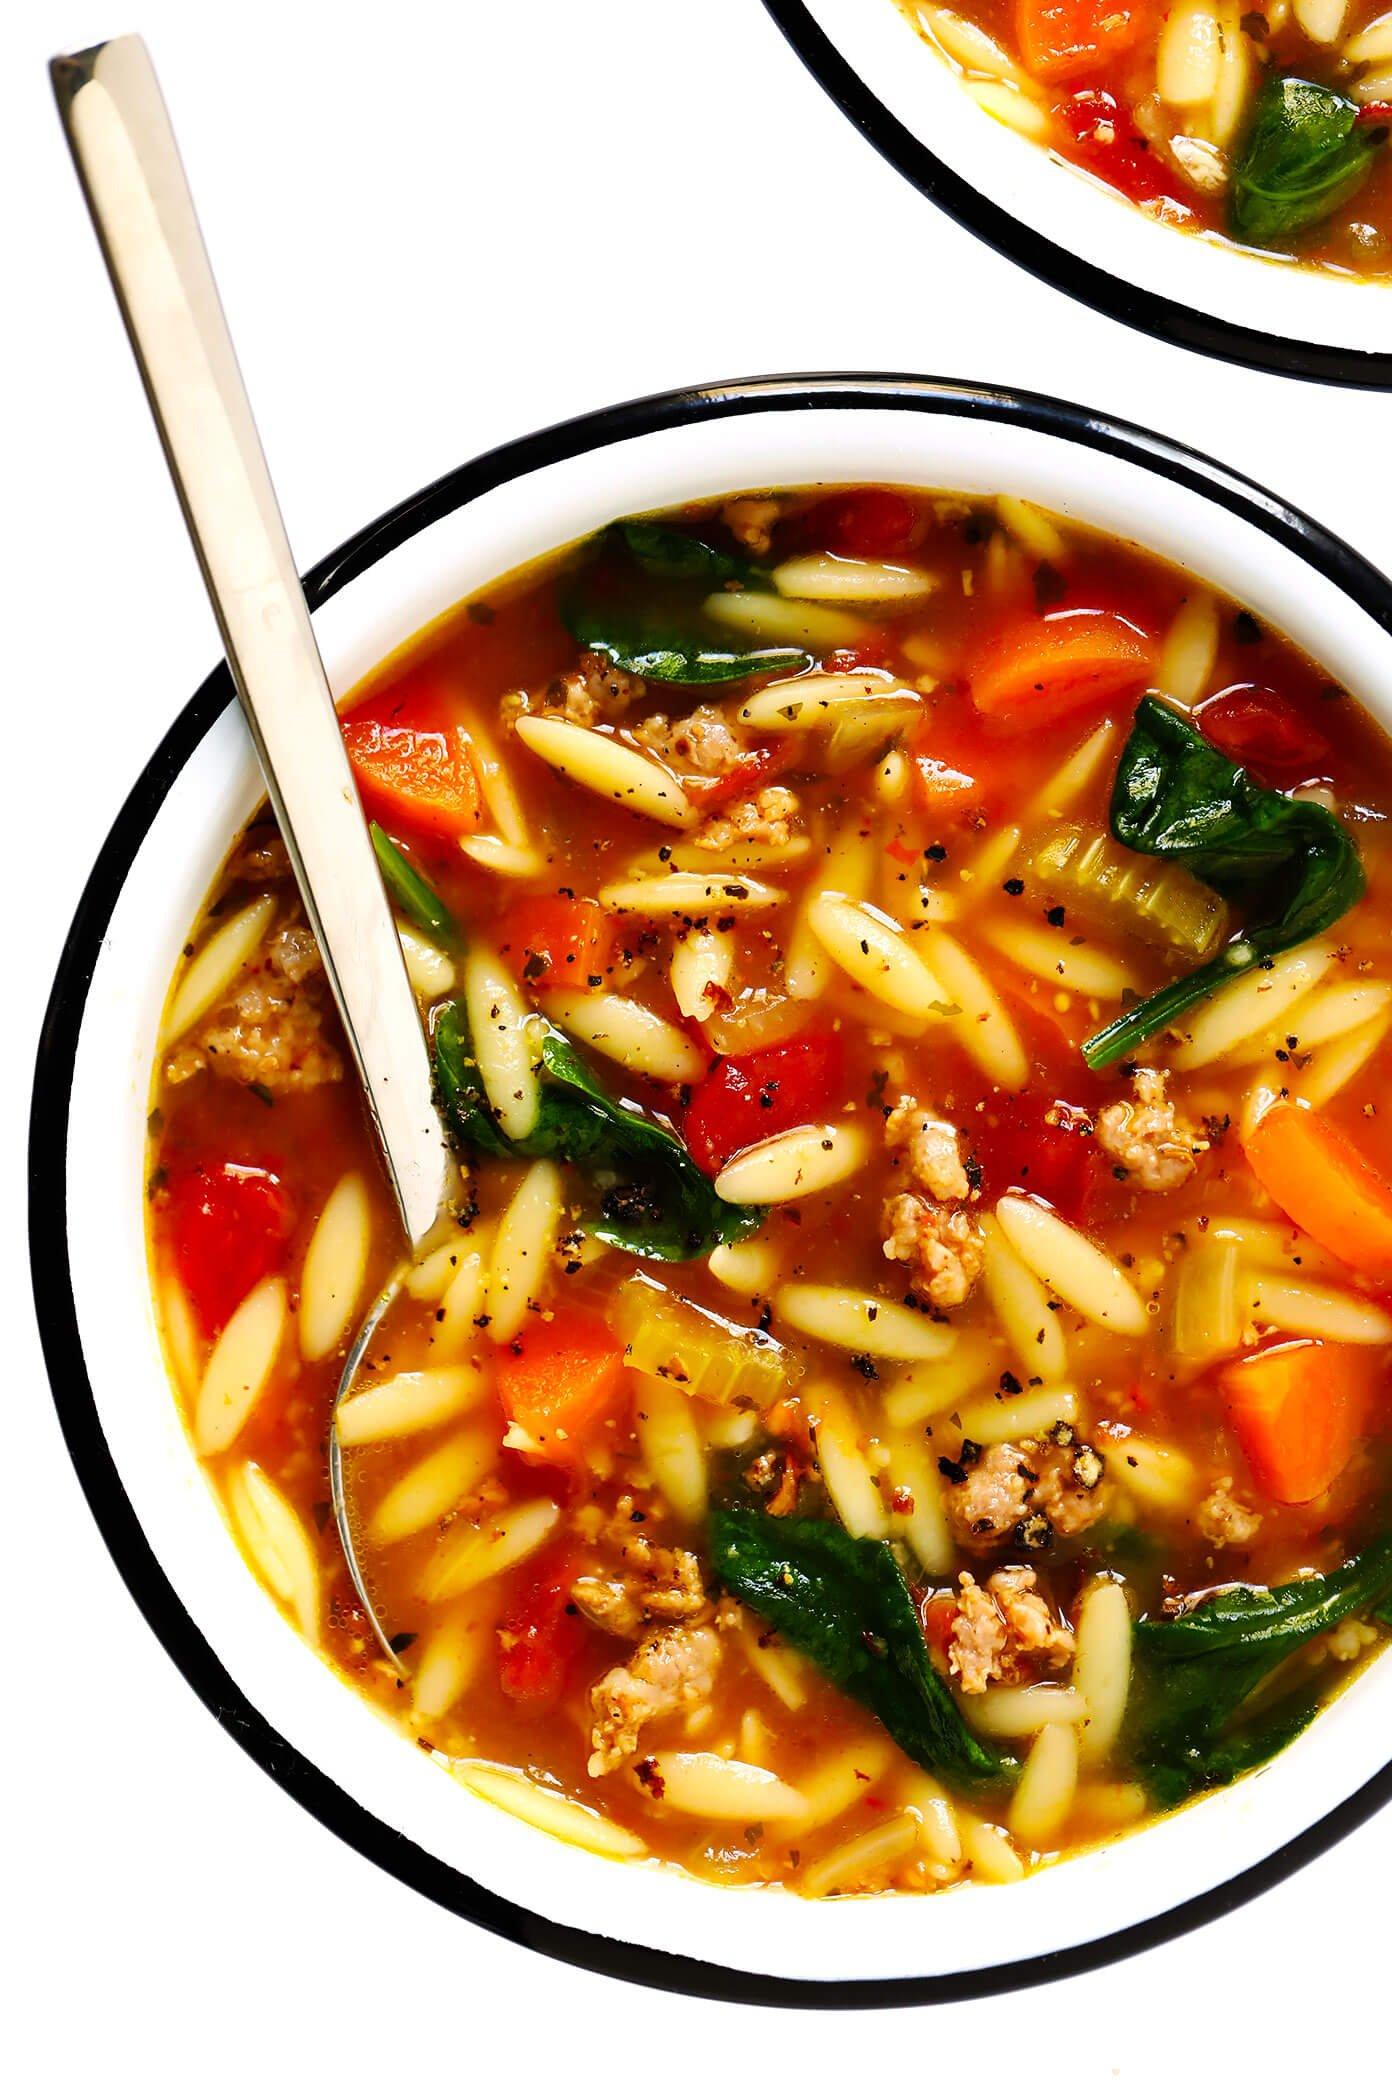 Italian Sausage, Orzo, Spinach and Tomato Soup Recipe